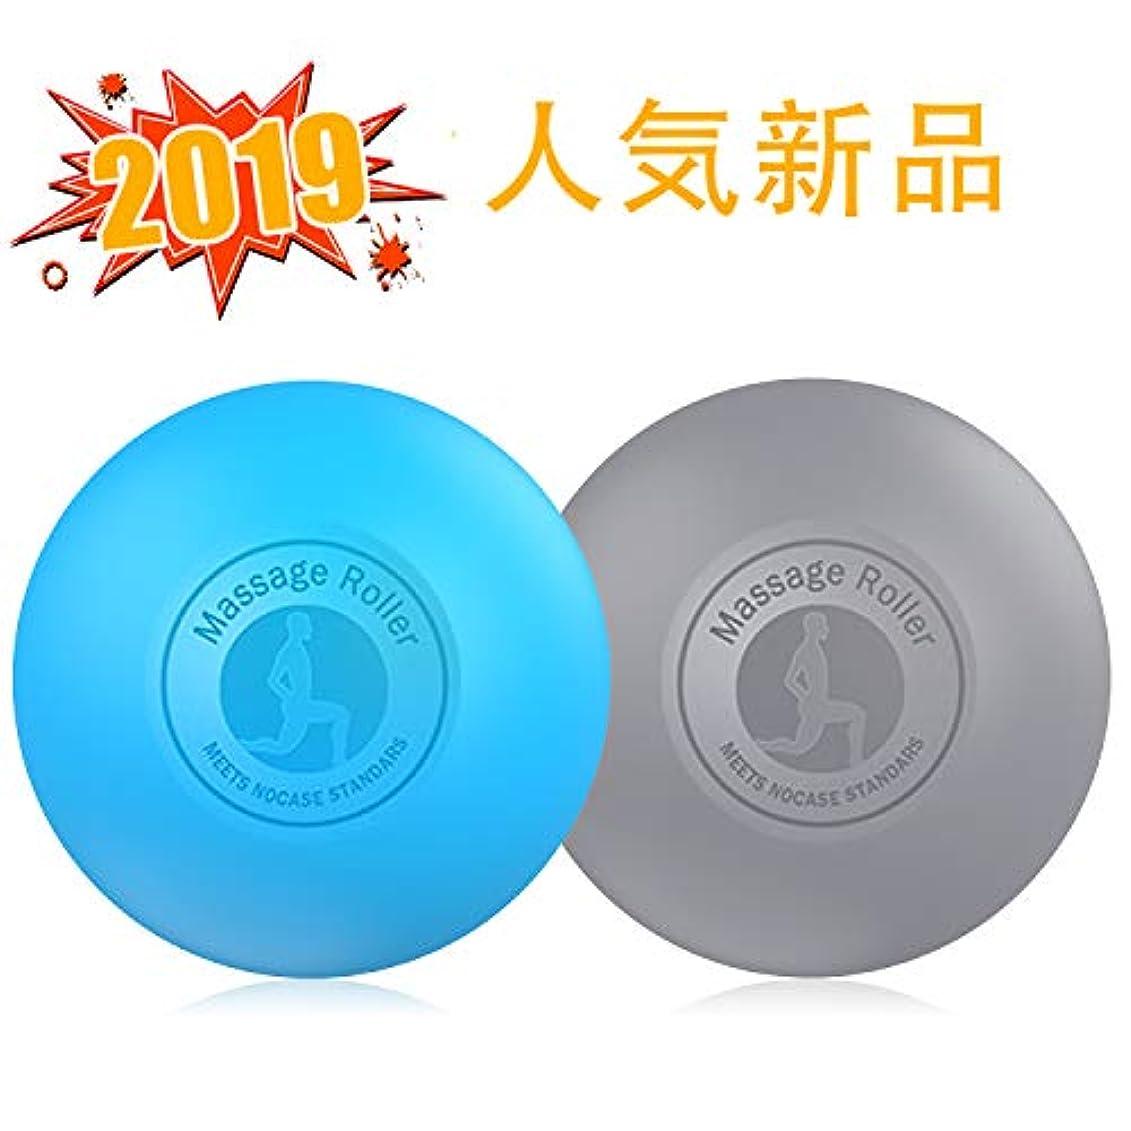 スリッパ杖小さいマッサージボール ストレッチボール 2019最新強化版Splendトリガーポイント 筋膜リリース 疲れ解消ボール トレーニング 首/肩/背中/腰/太もも ふくらはぎ/足裏/全身 ツボ押しグッズ